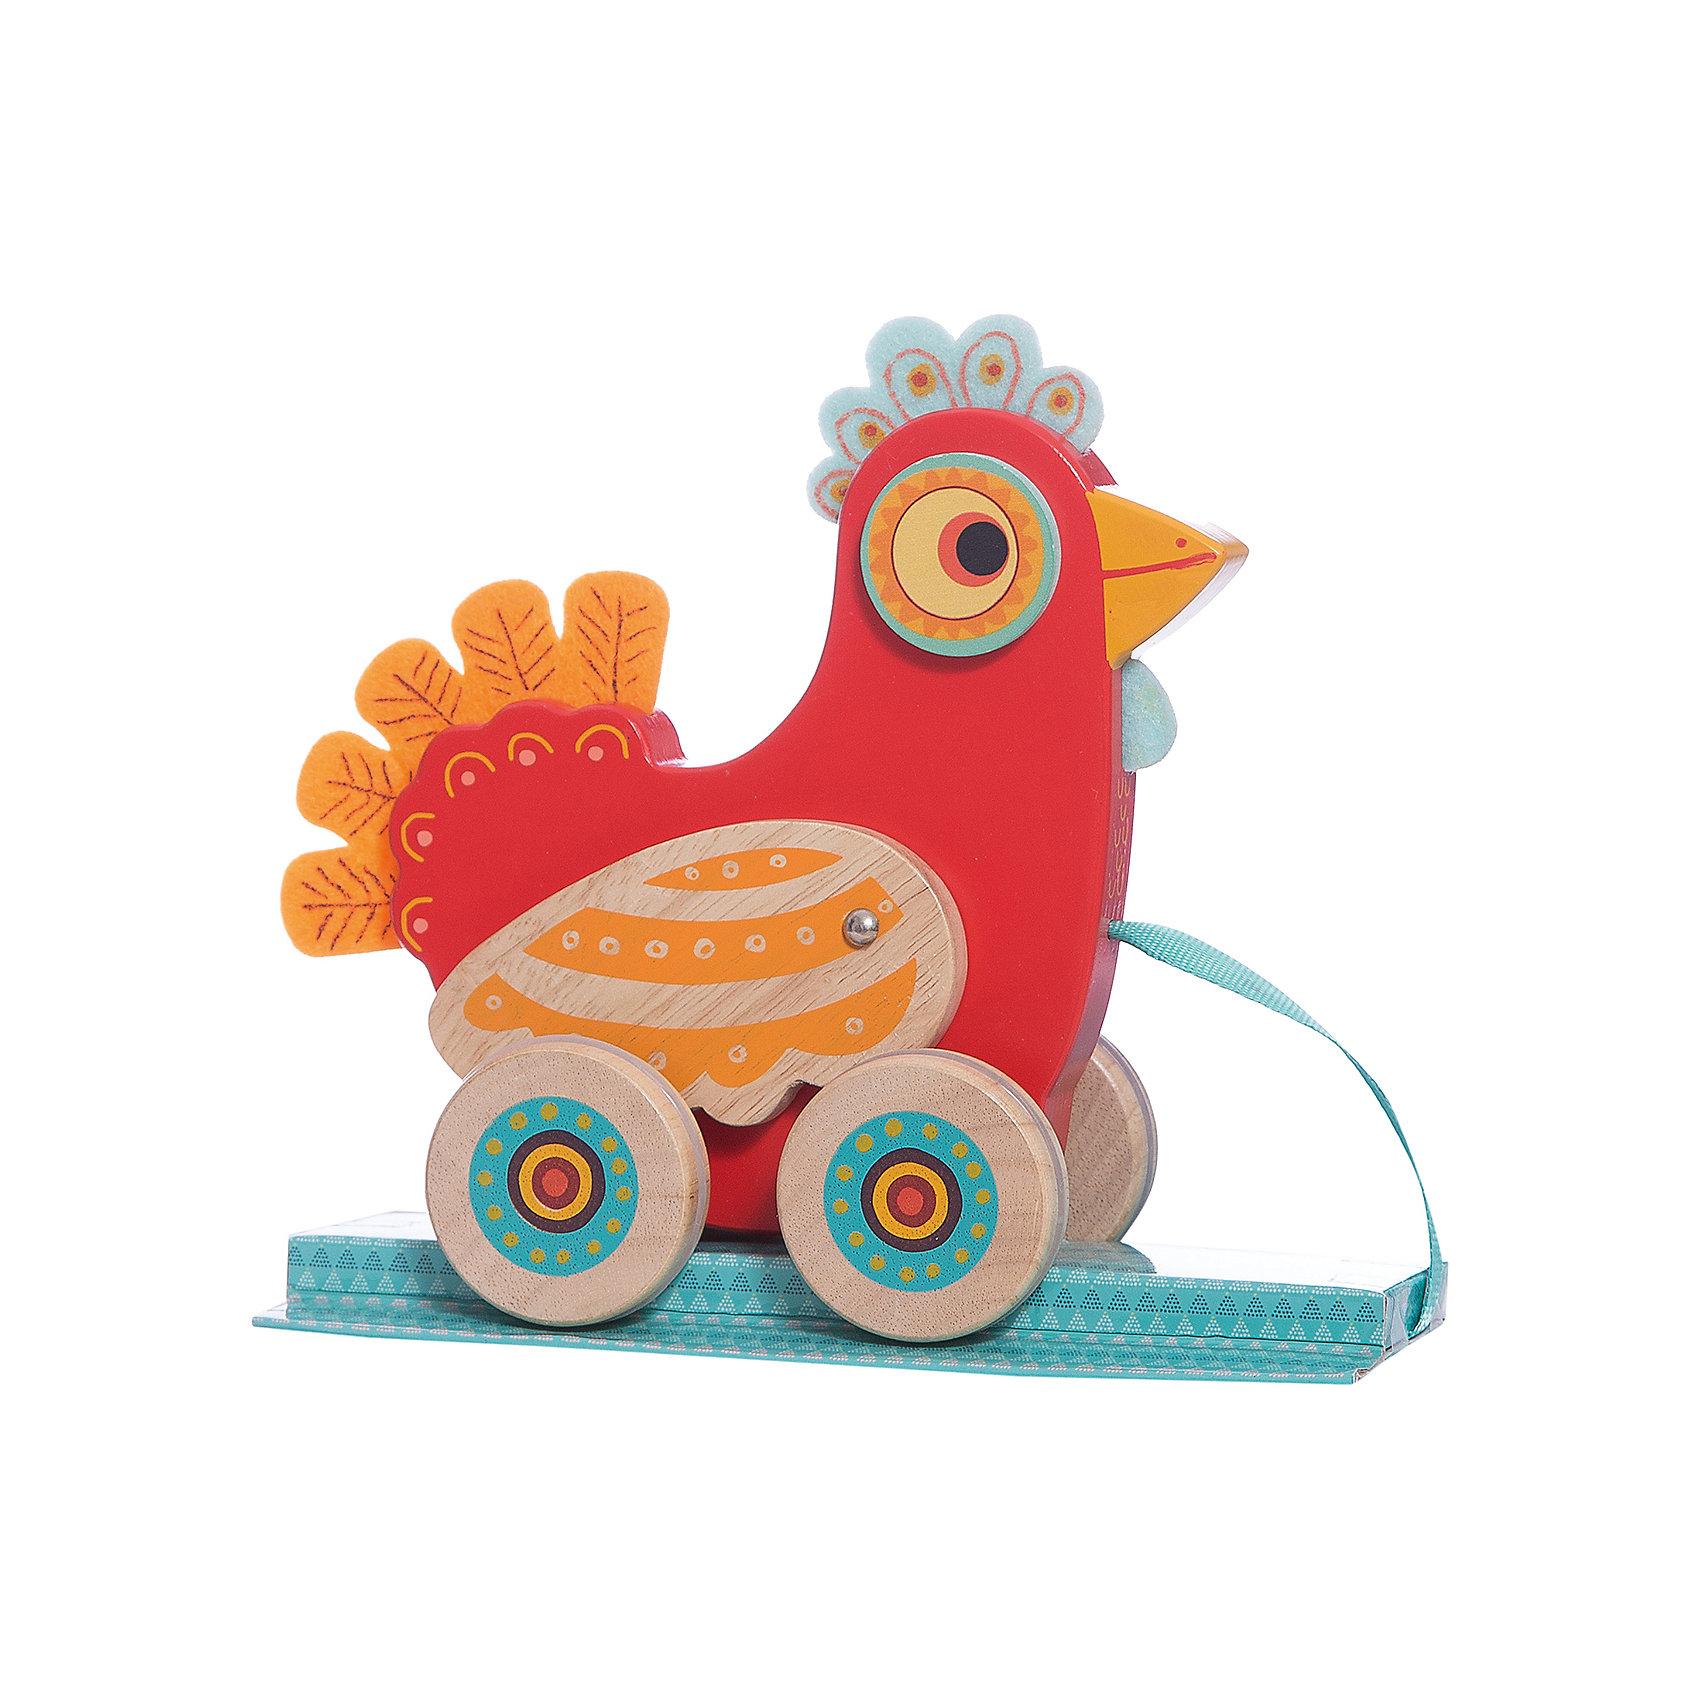 Каталка Курочка, DJECOКрасочная каталка Курочка, Djeco (Джеко), с оригинальным дизайном обязательно привлечет внимание Вашего малыша. Яркая игрушка выполнена в виде симпатичной деревянной курочки с гребешком и хвостиком из приятного на ощупь текстиля. У игрушки крупные широкие колеса, благодаря которым малышу будет удобно катать ее как дома так и на прогулке. Во время движения курочка забавно машет крылышками. Игрушка изготовлена из высококачественных материалов и покрыта безопасными нетоксичными красками. Прекрасно развивает мелкую моторику рук, координацию и тактильные навыки.<br><br>Дополнительная информация:<br><br>- Материал: дерево, текстиль.<br>- Размер игрушки: 18,5 х 18 х 8 см.<br>- Размер упаковки: 21 х 19 х 9,5 см.<br>- Вес: 0,458 кг.<br><br>Каталку Курочка, Djeco (Джеко), можно купить в нашем интернет-магазине.<br><br>Ширина мм: 100<br>Глубина мм: 280<br>Высота мм: 10<br>Вес г: 620<br>Возраст от месяцев: 12<br>Возраст до месяцев: 36<br>Пол: Унисекс<br>Возраст: Детский<br>SKU: 4215025